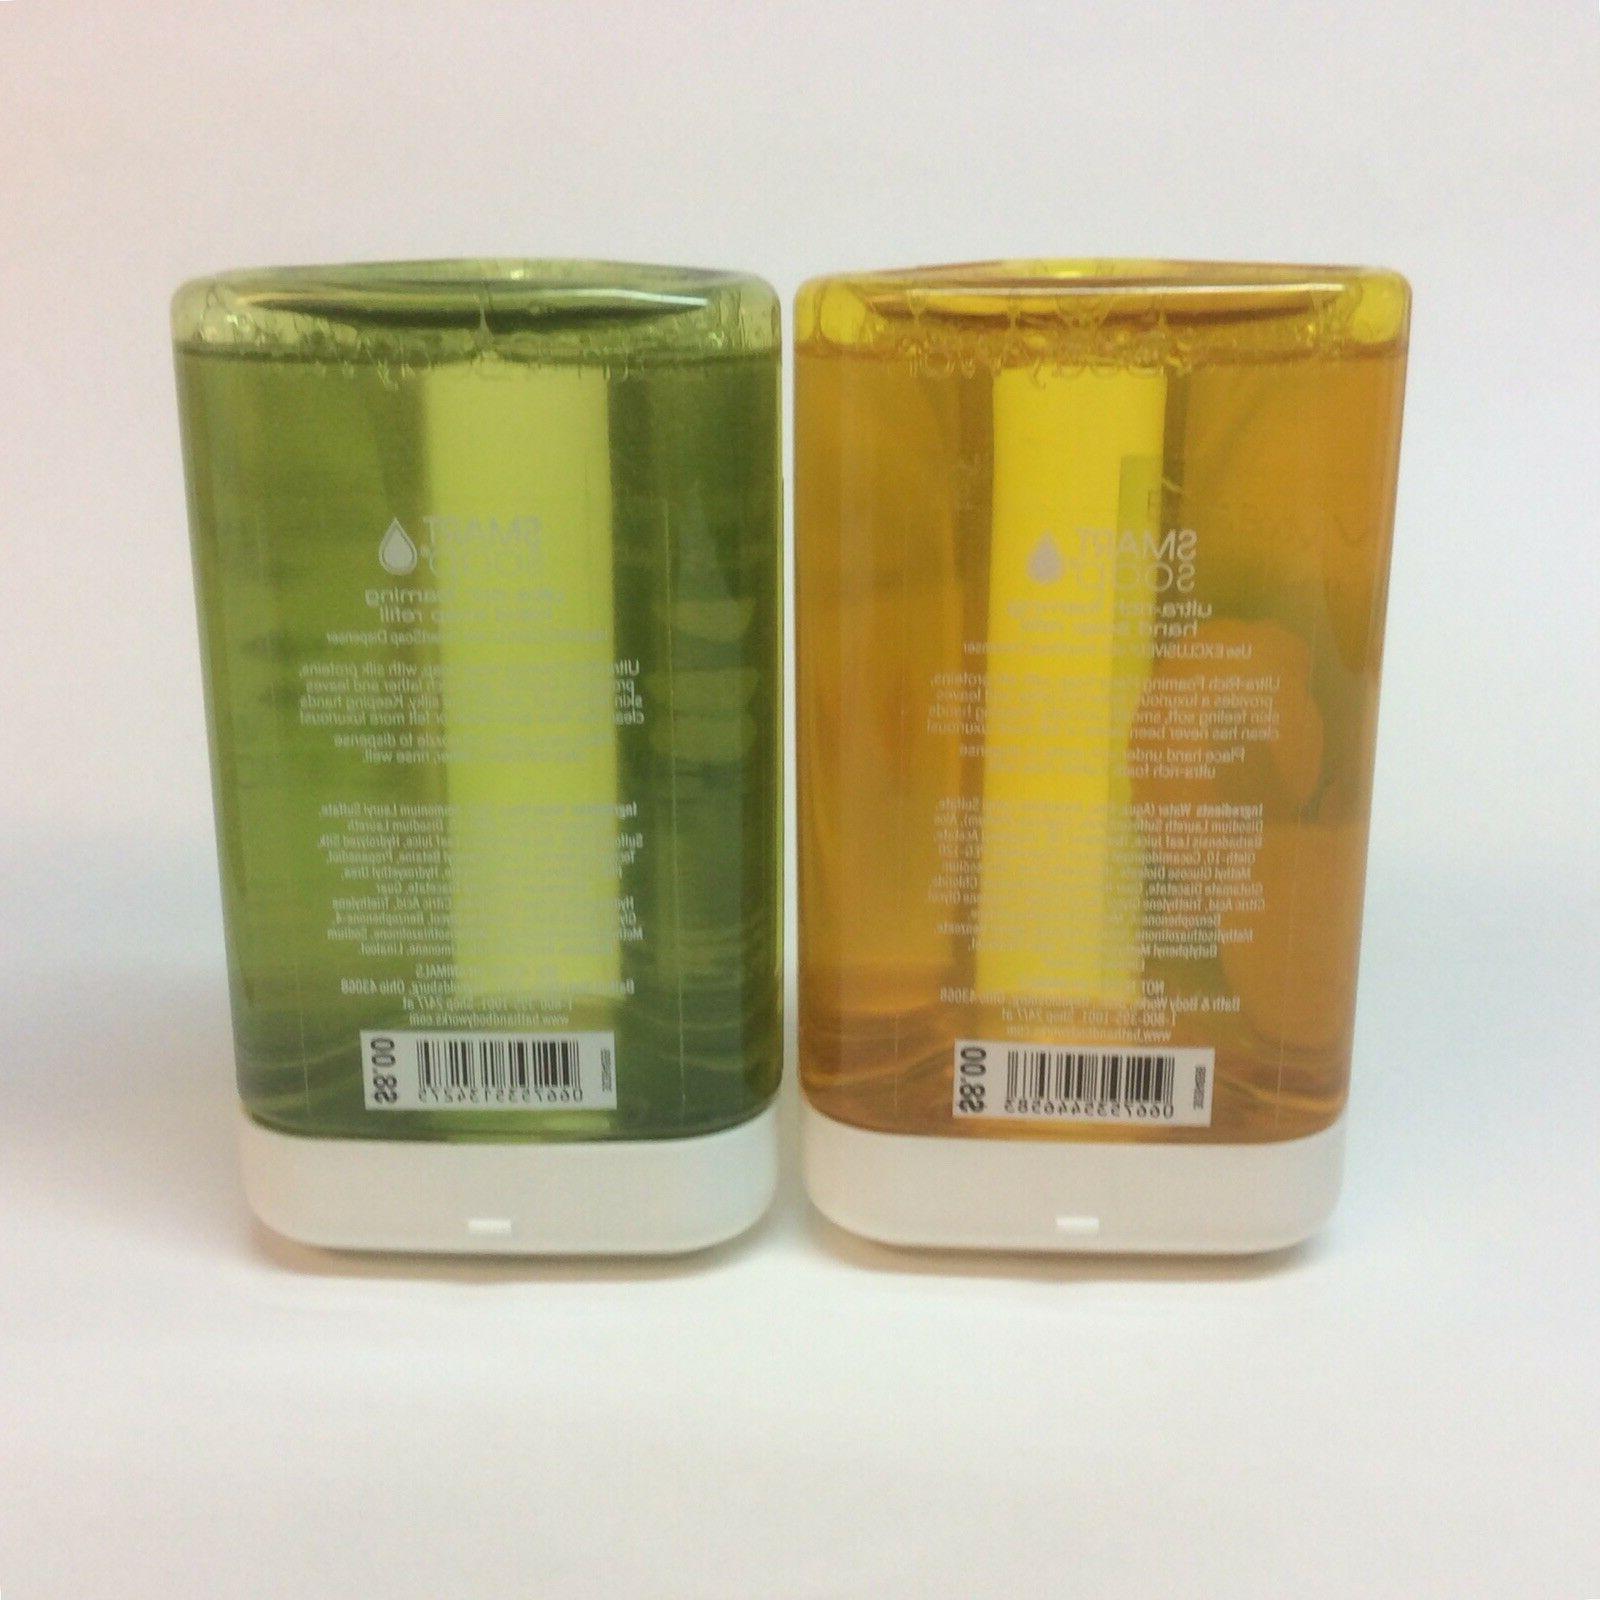 Bath Works Smartsoap Hand Soap Lemon Citrus Apple Peppermint